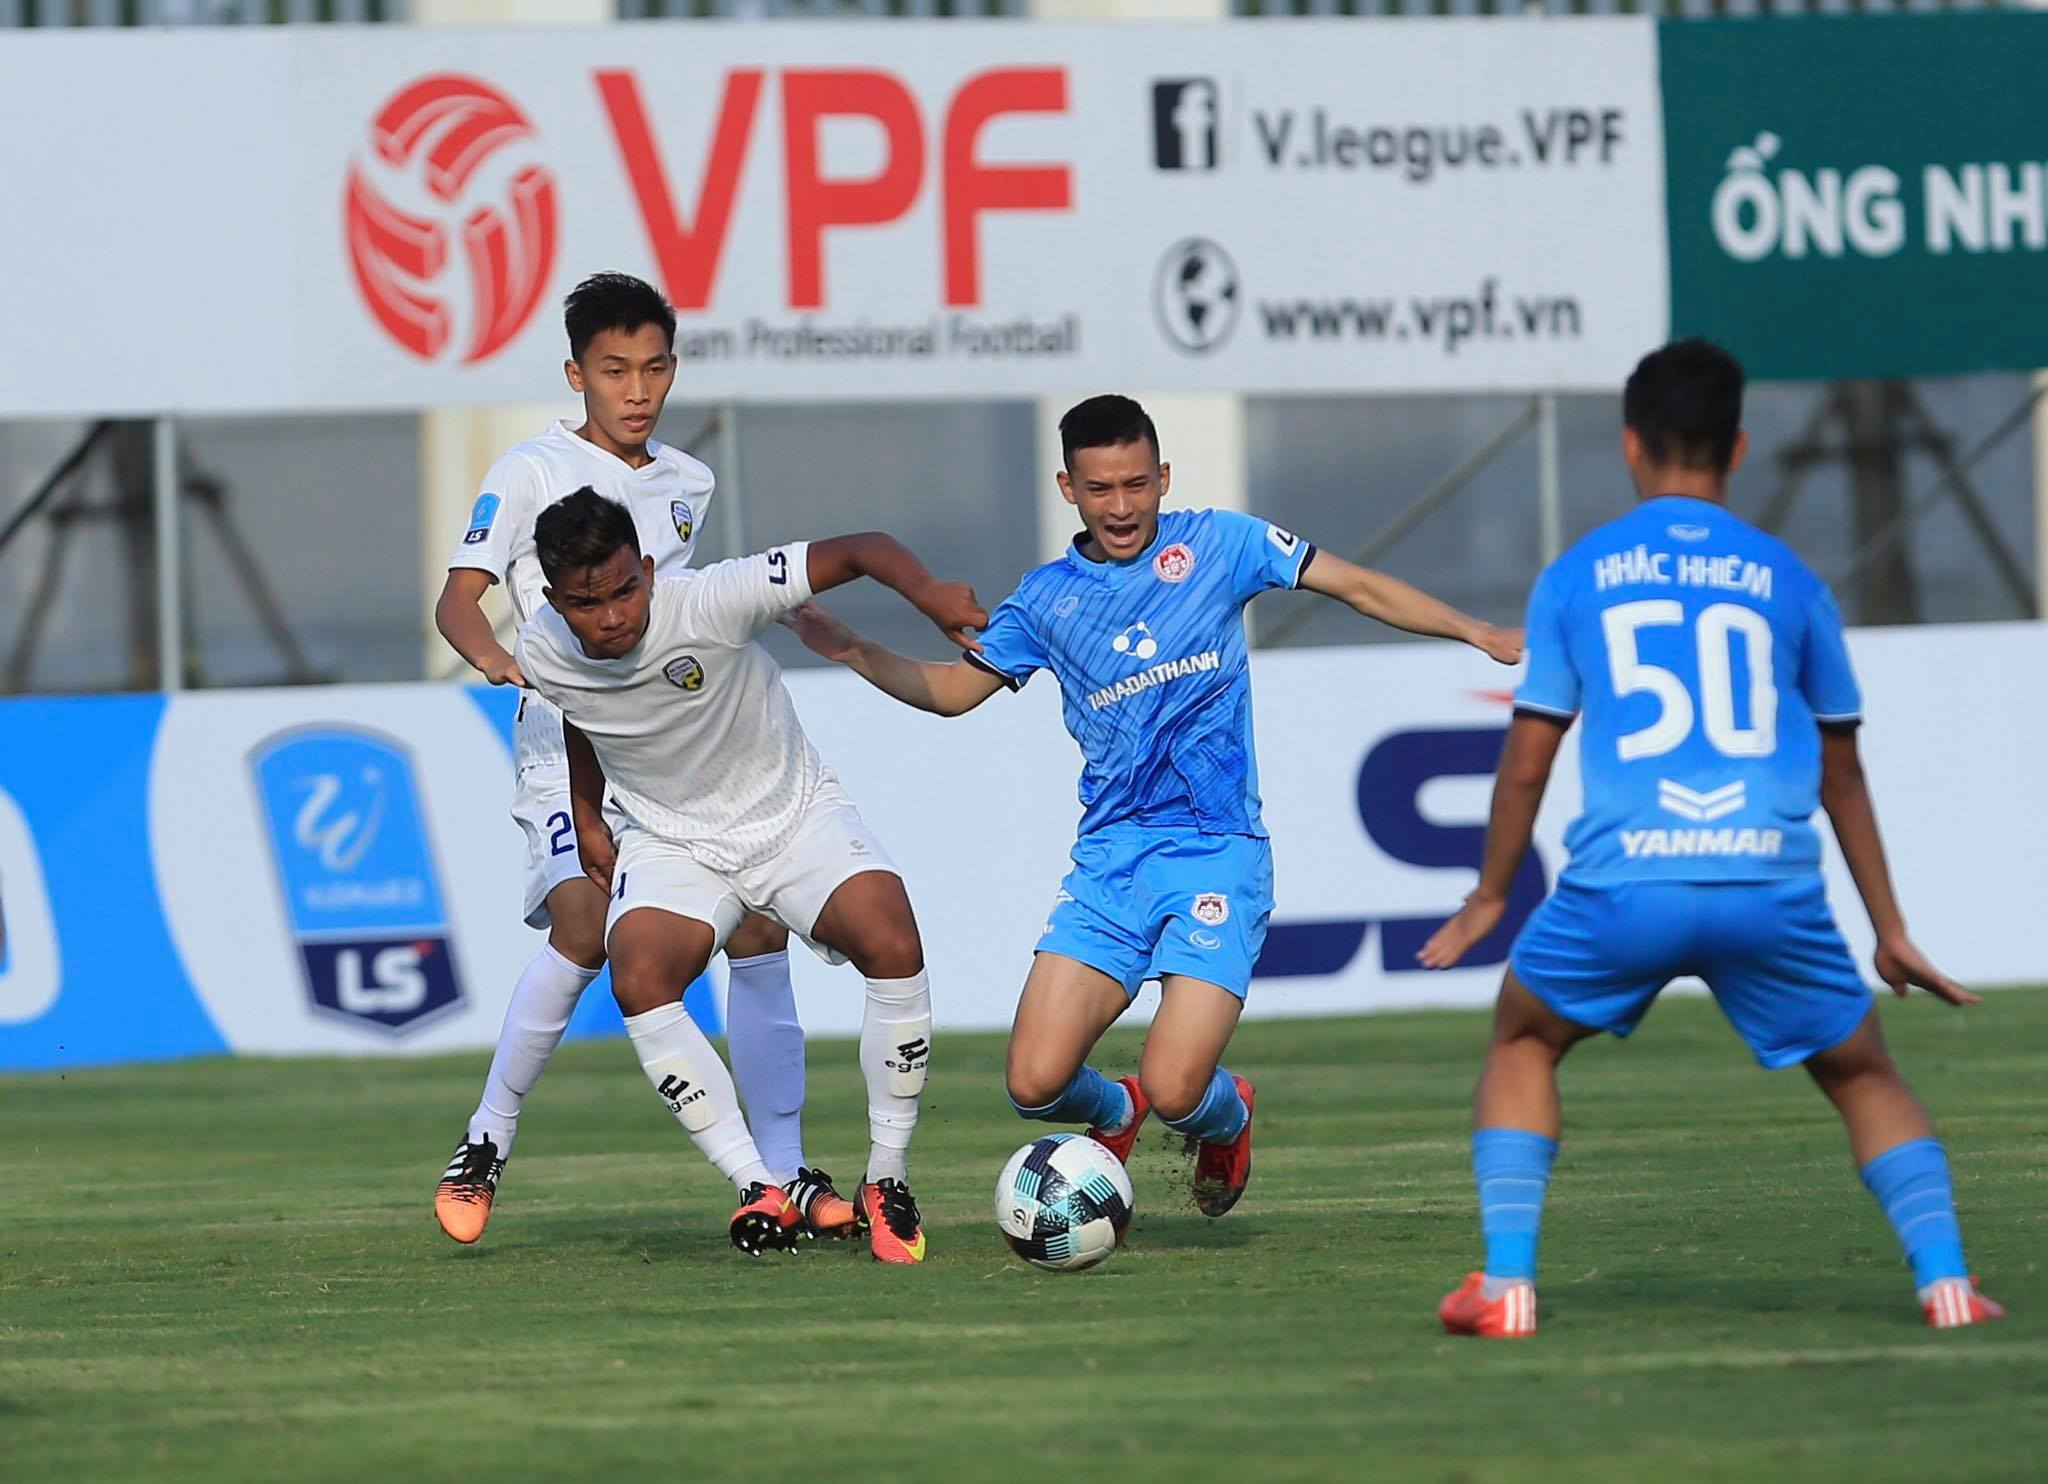 CLB Phố Hiến gửi công văn xin lỗi CLB An Giang và cầu thủ Văn Huy sau sự cố không đẹp ở trận đấu tại vòng 6 giải hạng Nhất LS 2020 - Ảnh: Đức Cường